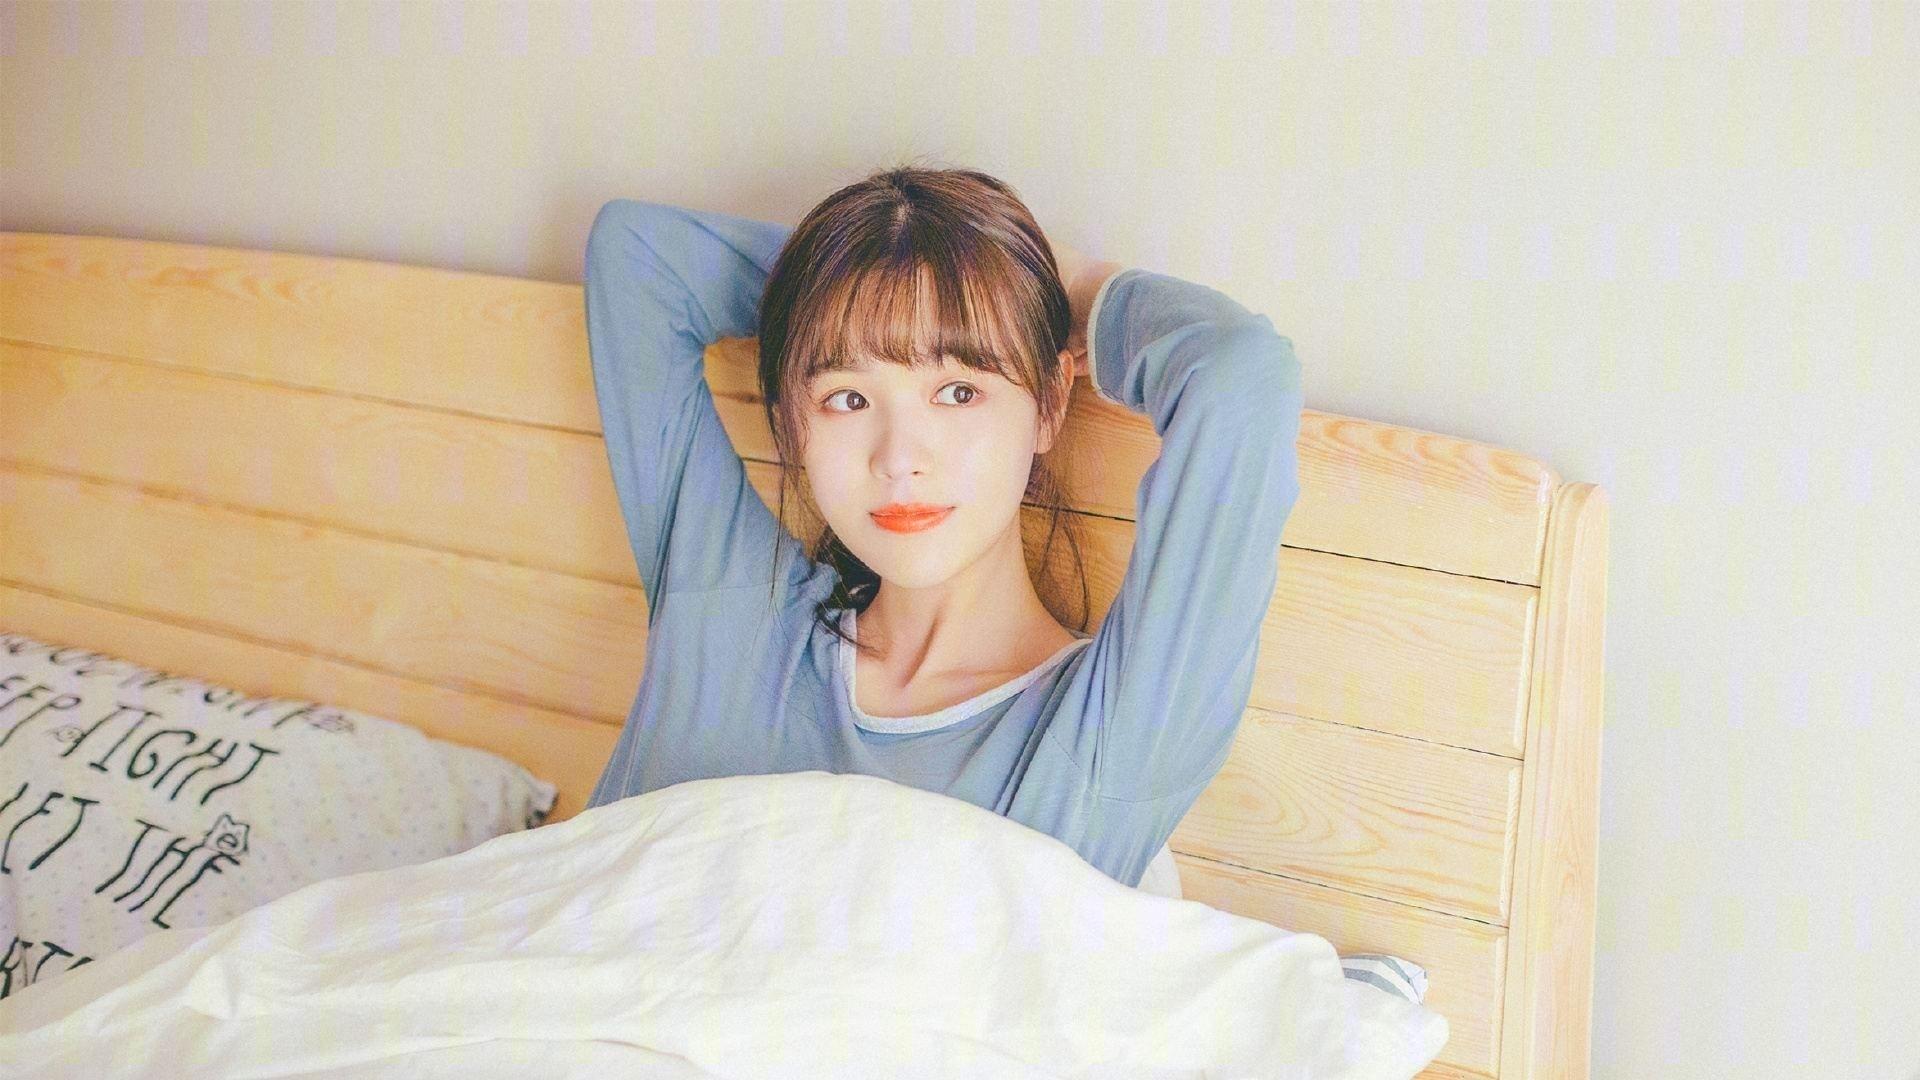 医路无悔-王烨, 苏嫣然-都市情感小说